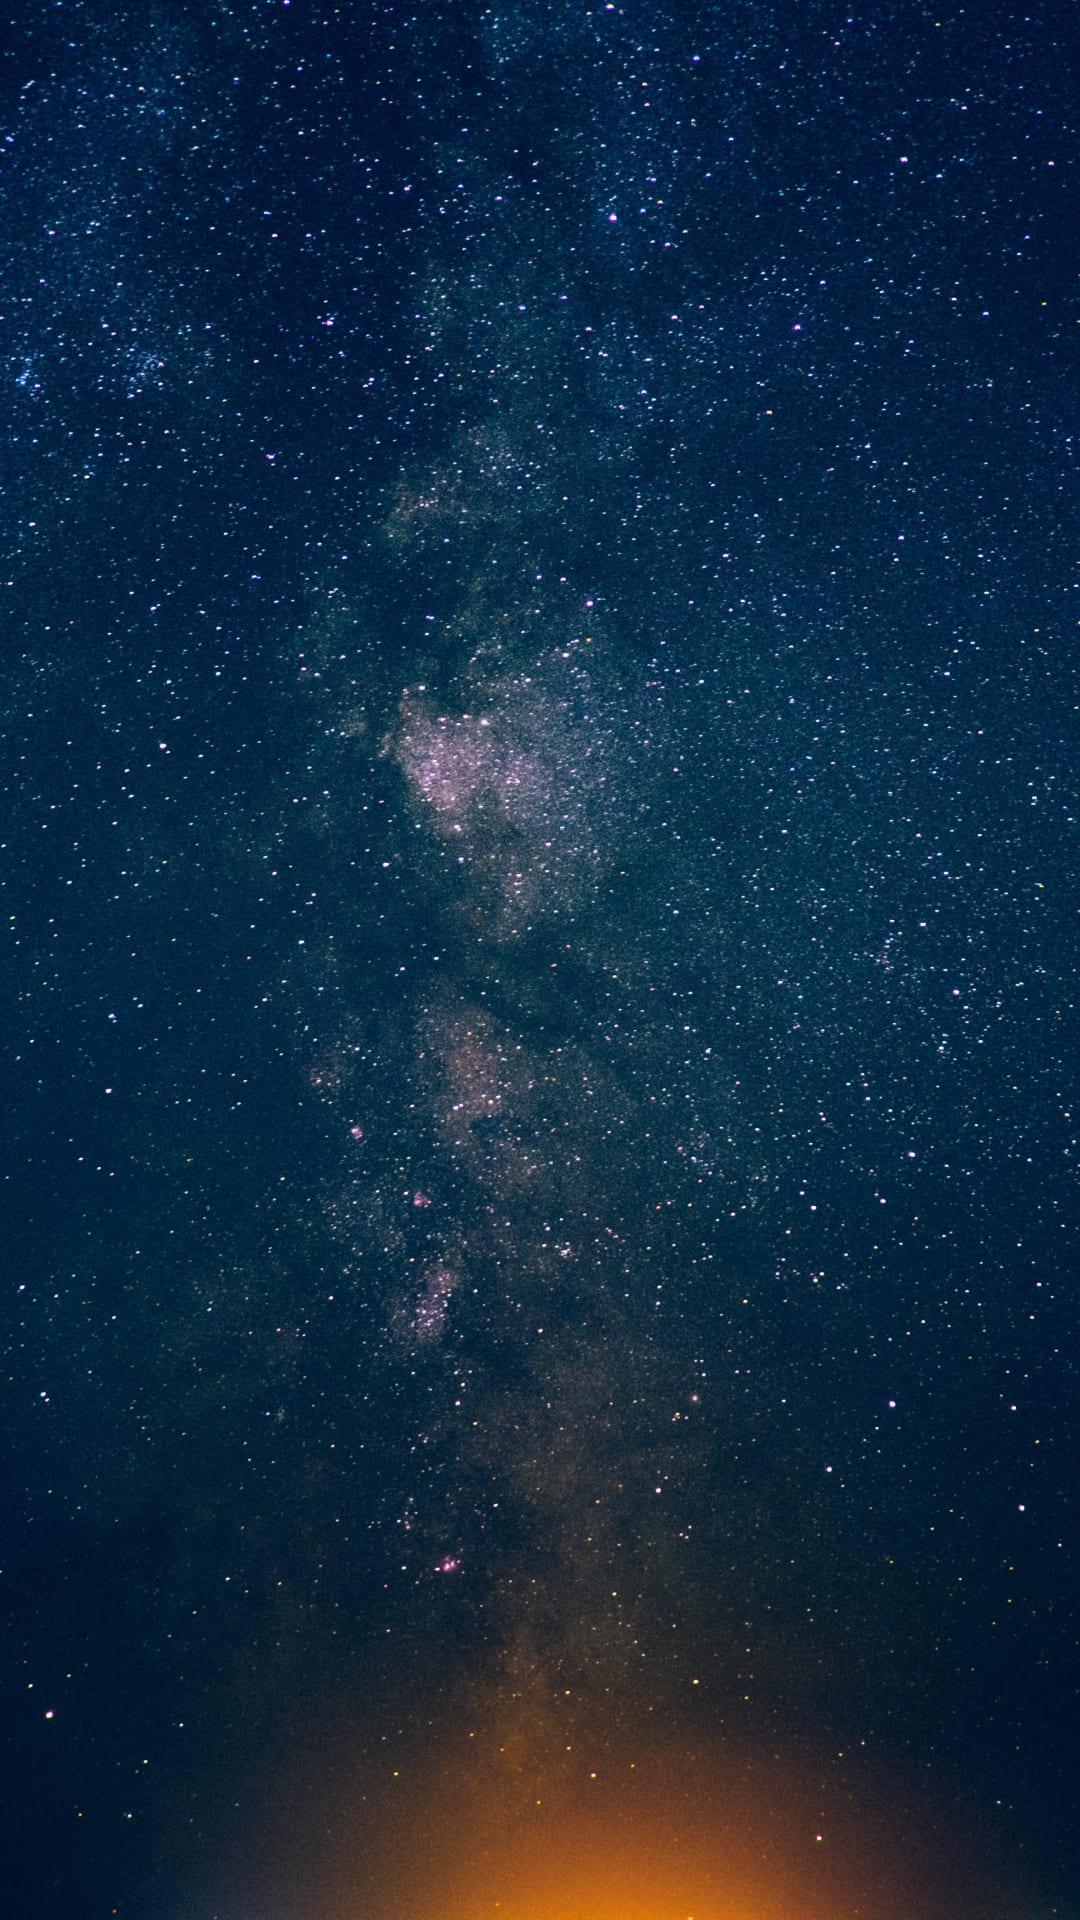 красивые картинки на телефон обои космос